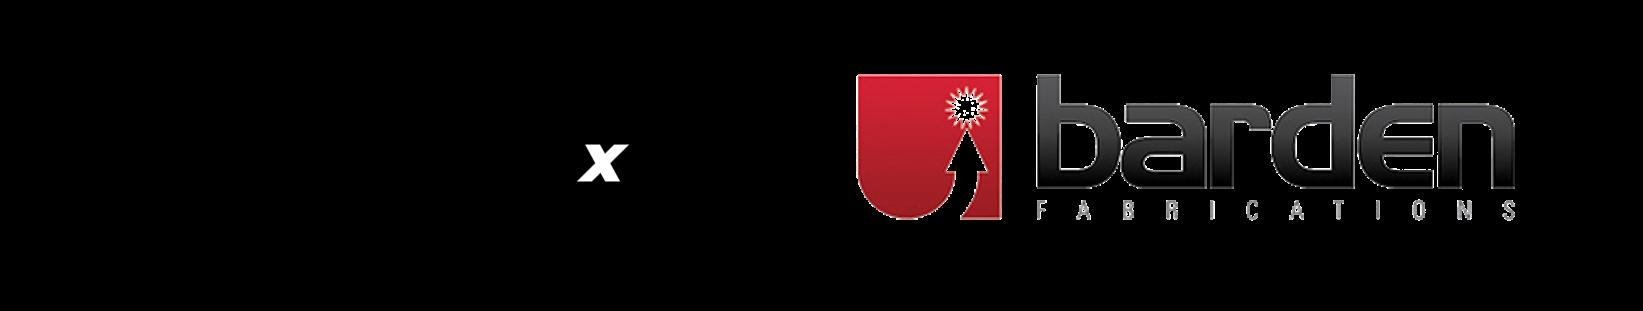 uneek-barden